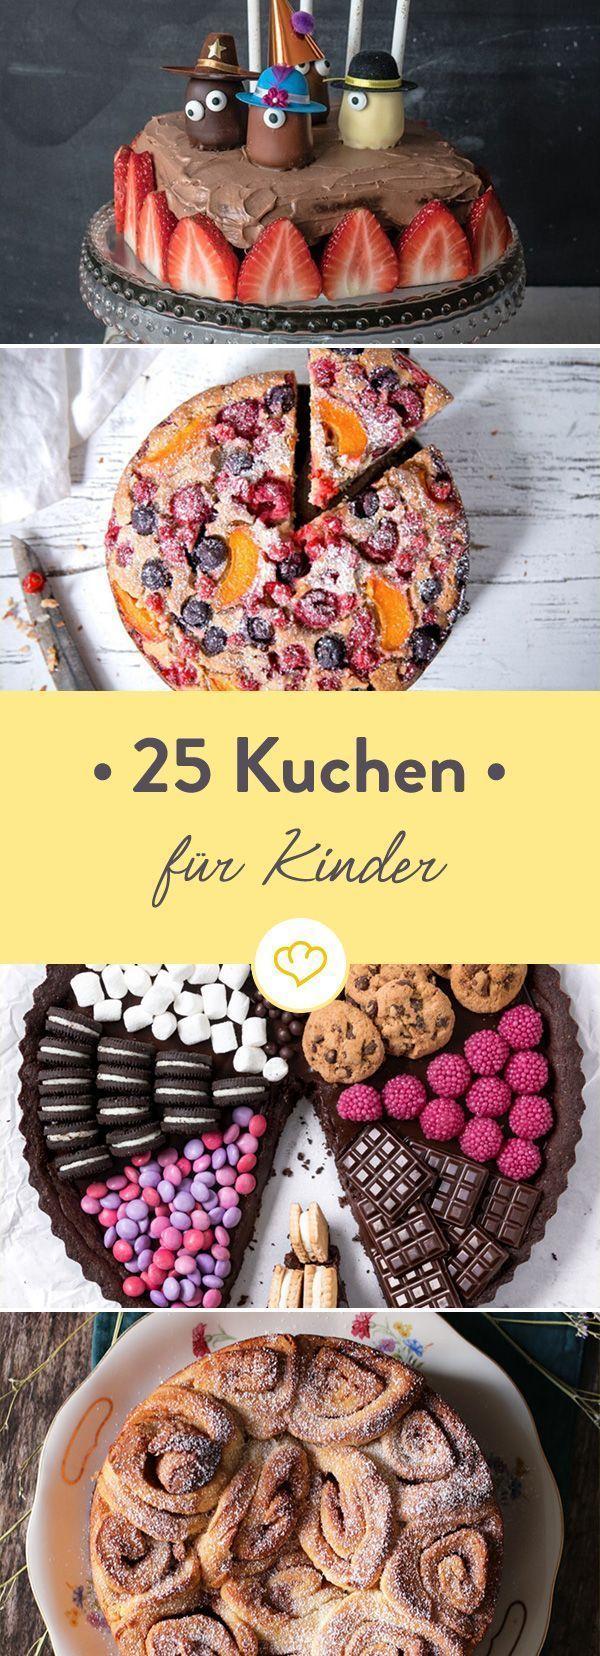 Kuchen für Kinder, die kleine Naschkatzen 25 x glücklich machen – Backen – Rezepte für Torten und Kuchen